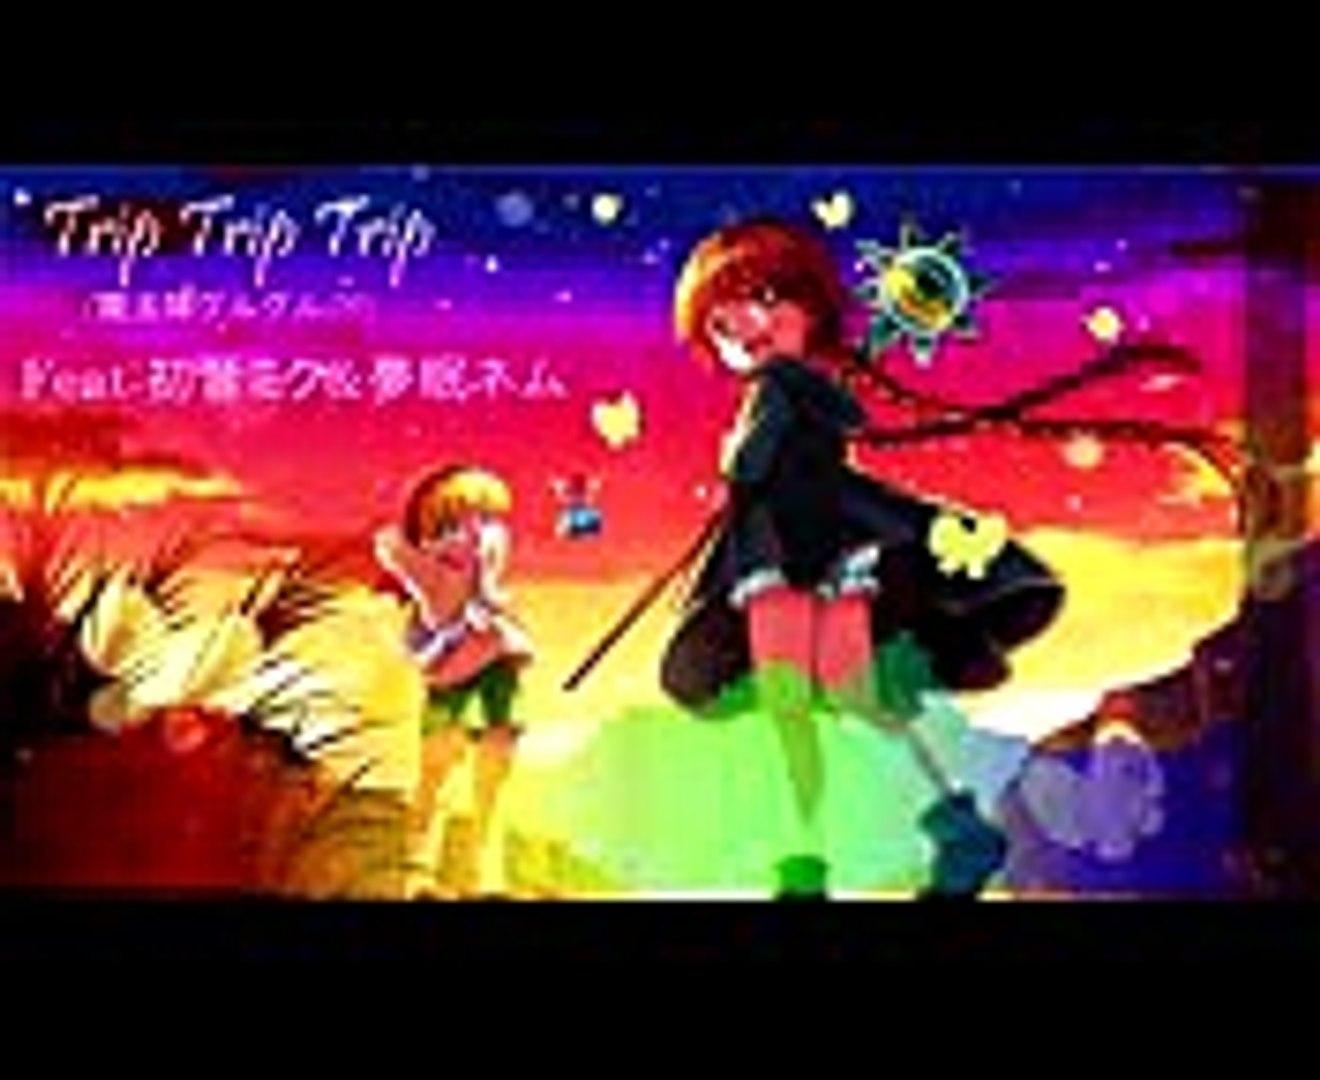 【初音ミク&夢眠ネム】Trip Trip Trip(魔法陣グルグルOP TV size)